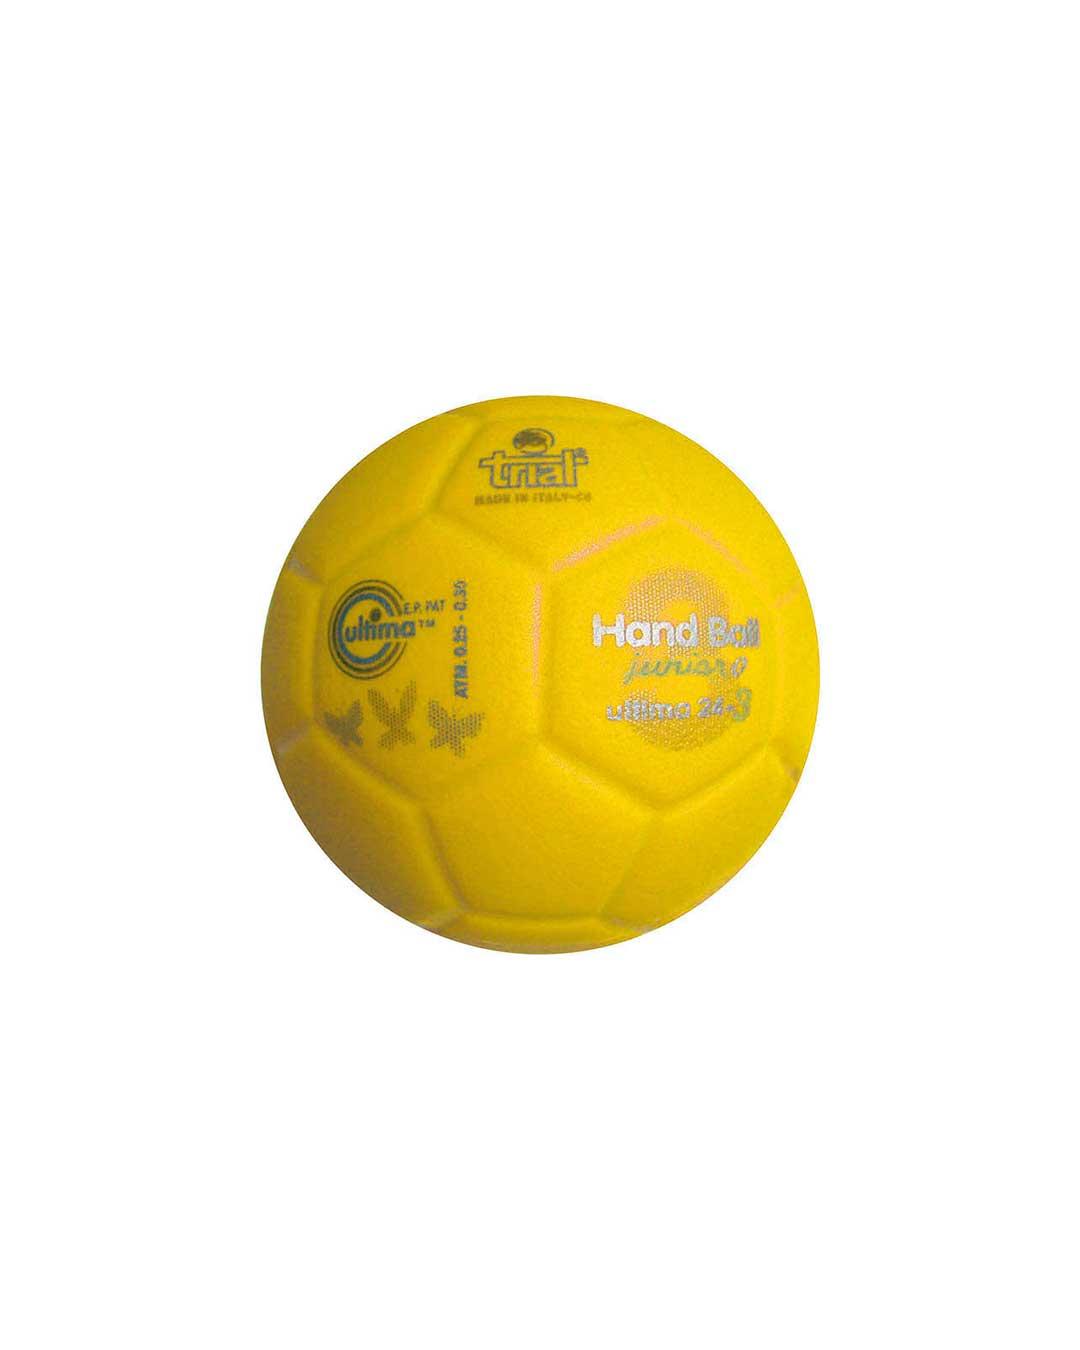 Balón de Handball marca Trial Modelo Ultima 24-3 N° 0 amarillo